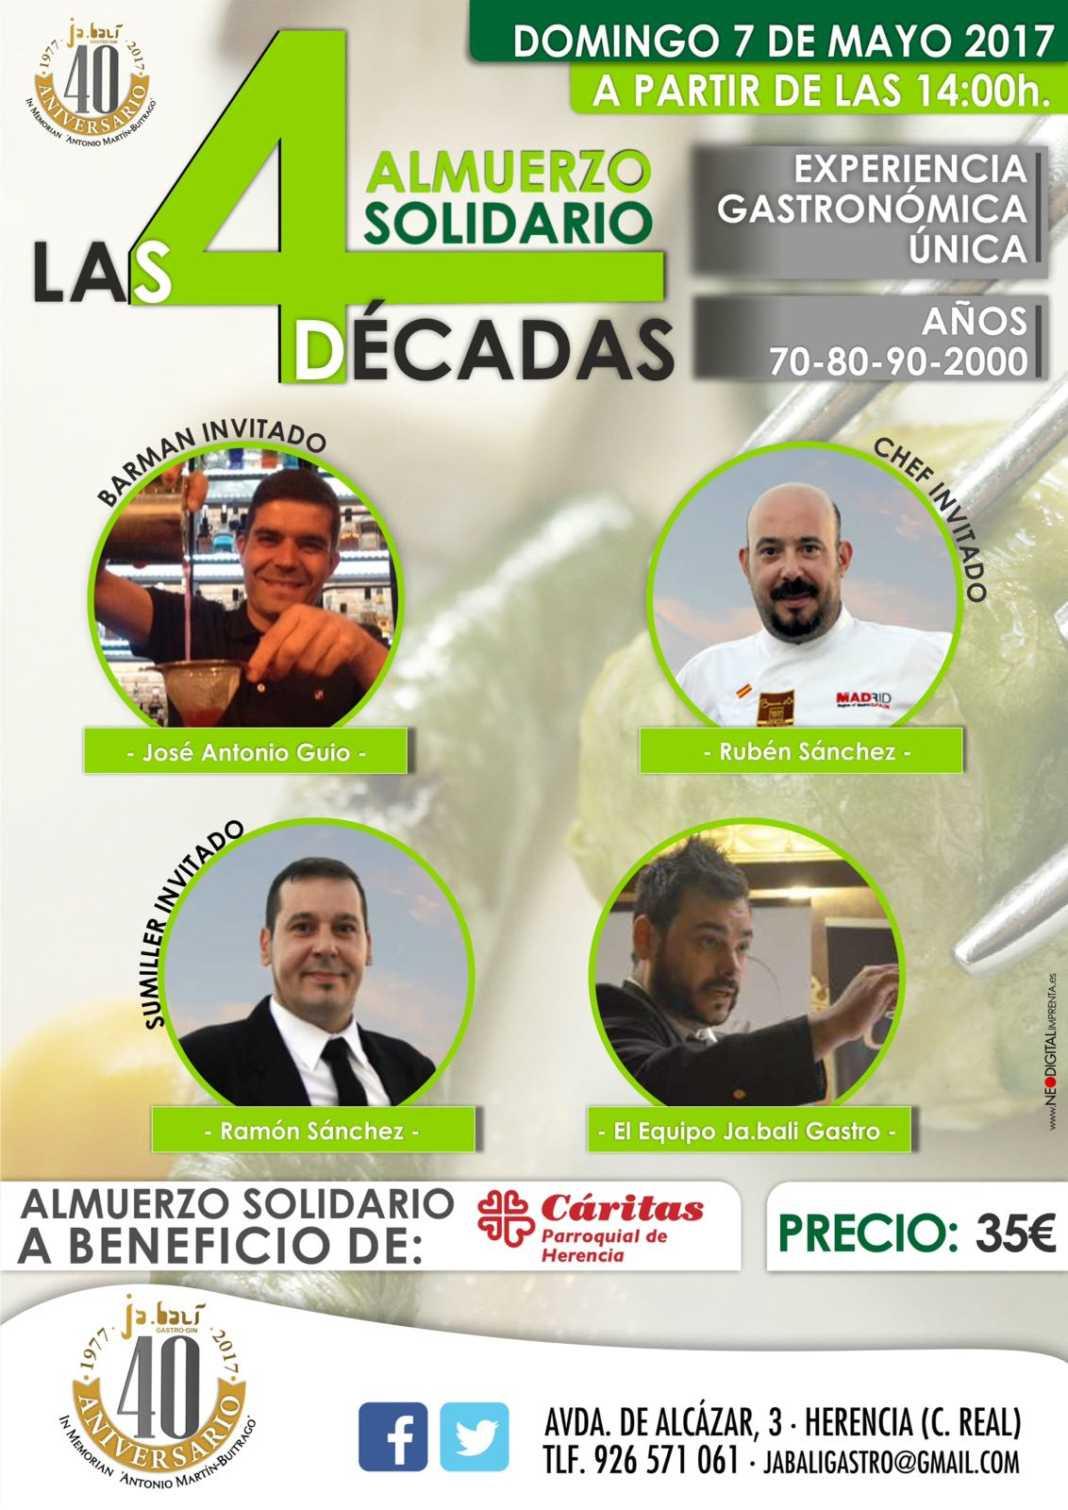 almuerzo solidario herencia 1068x1510 - Almuerzo solidario las 4 décadas en Herencia